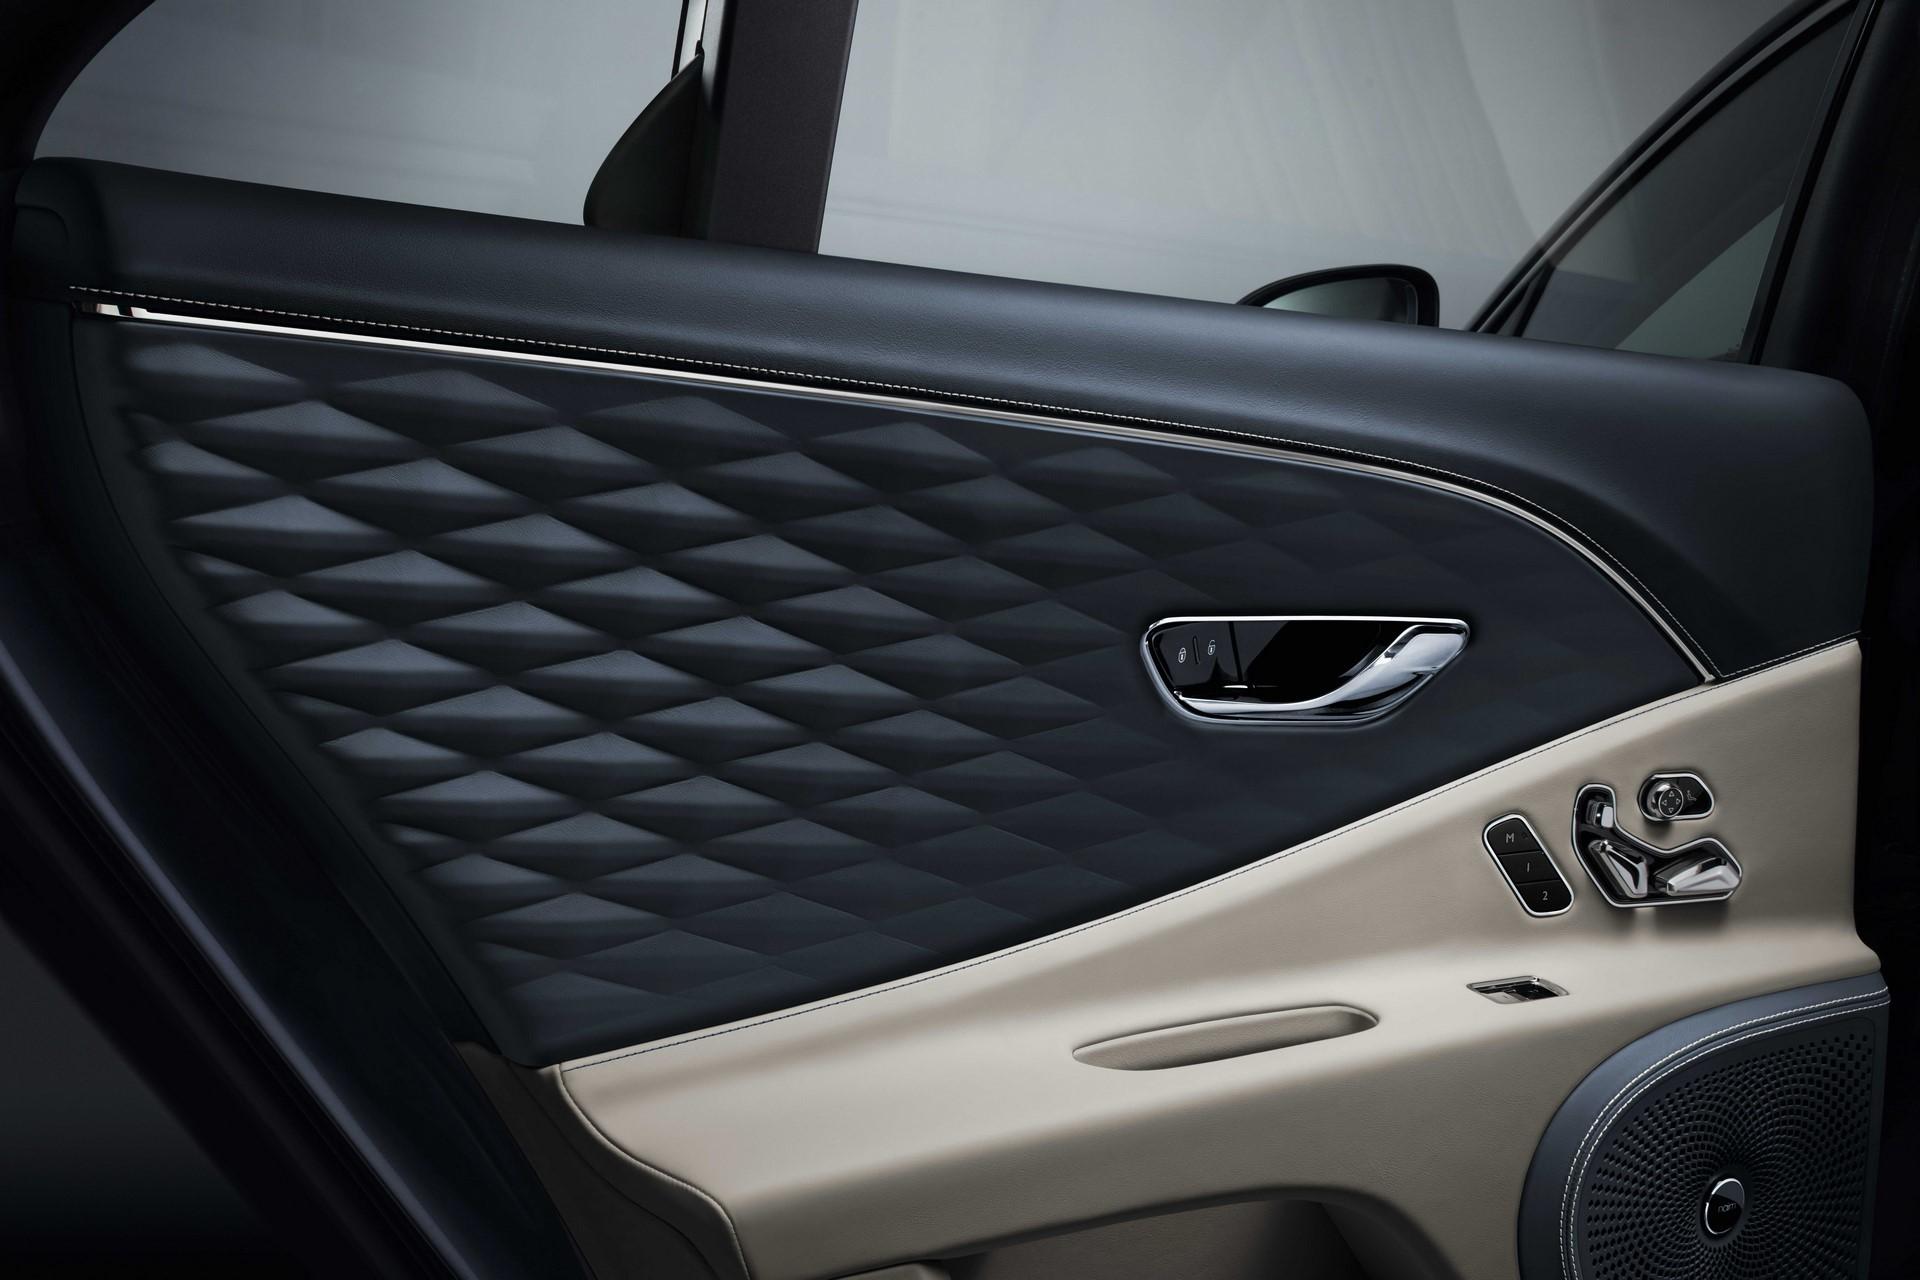 New-Bentley-Flying-Spur-9